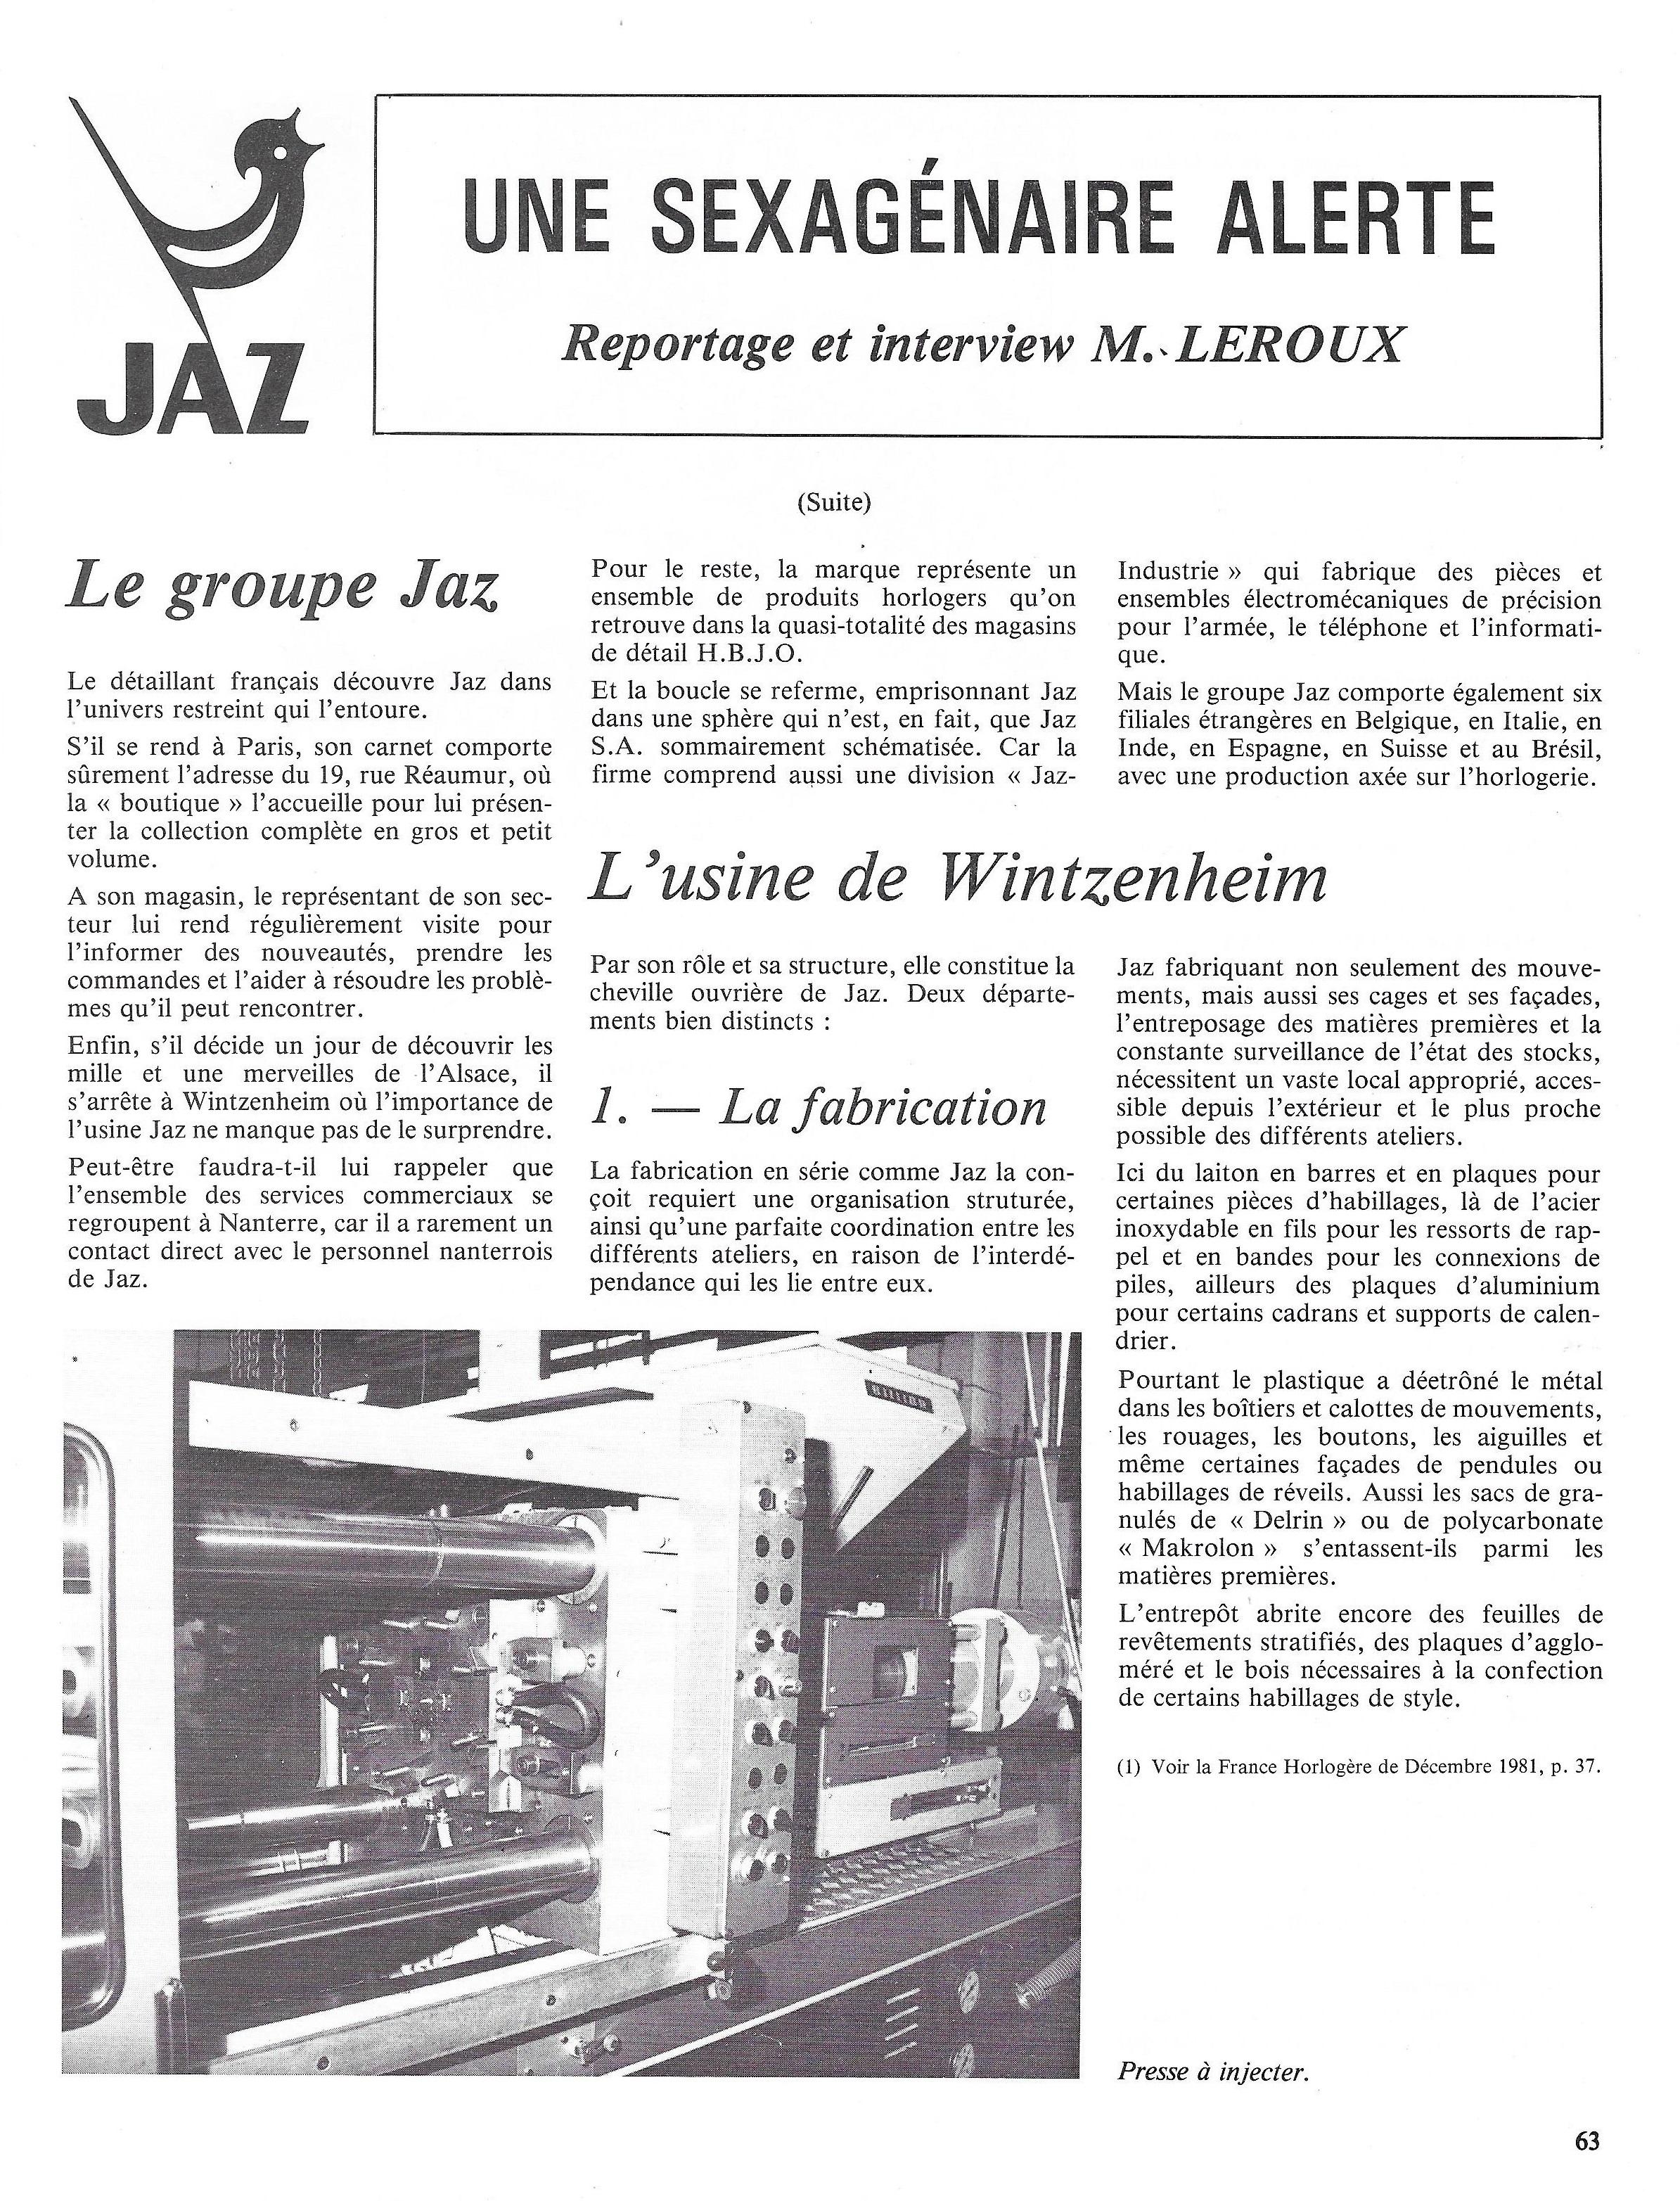 La France Horlogère n°429 Janv 1982 page 63